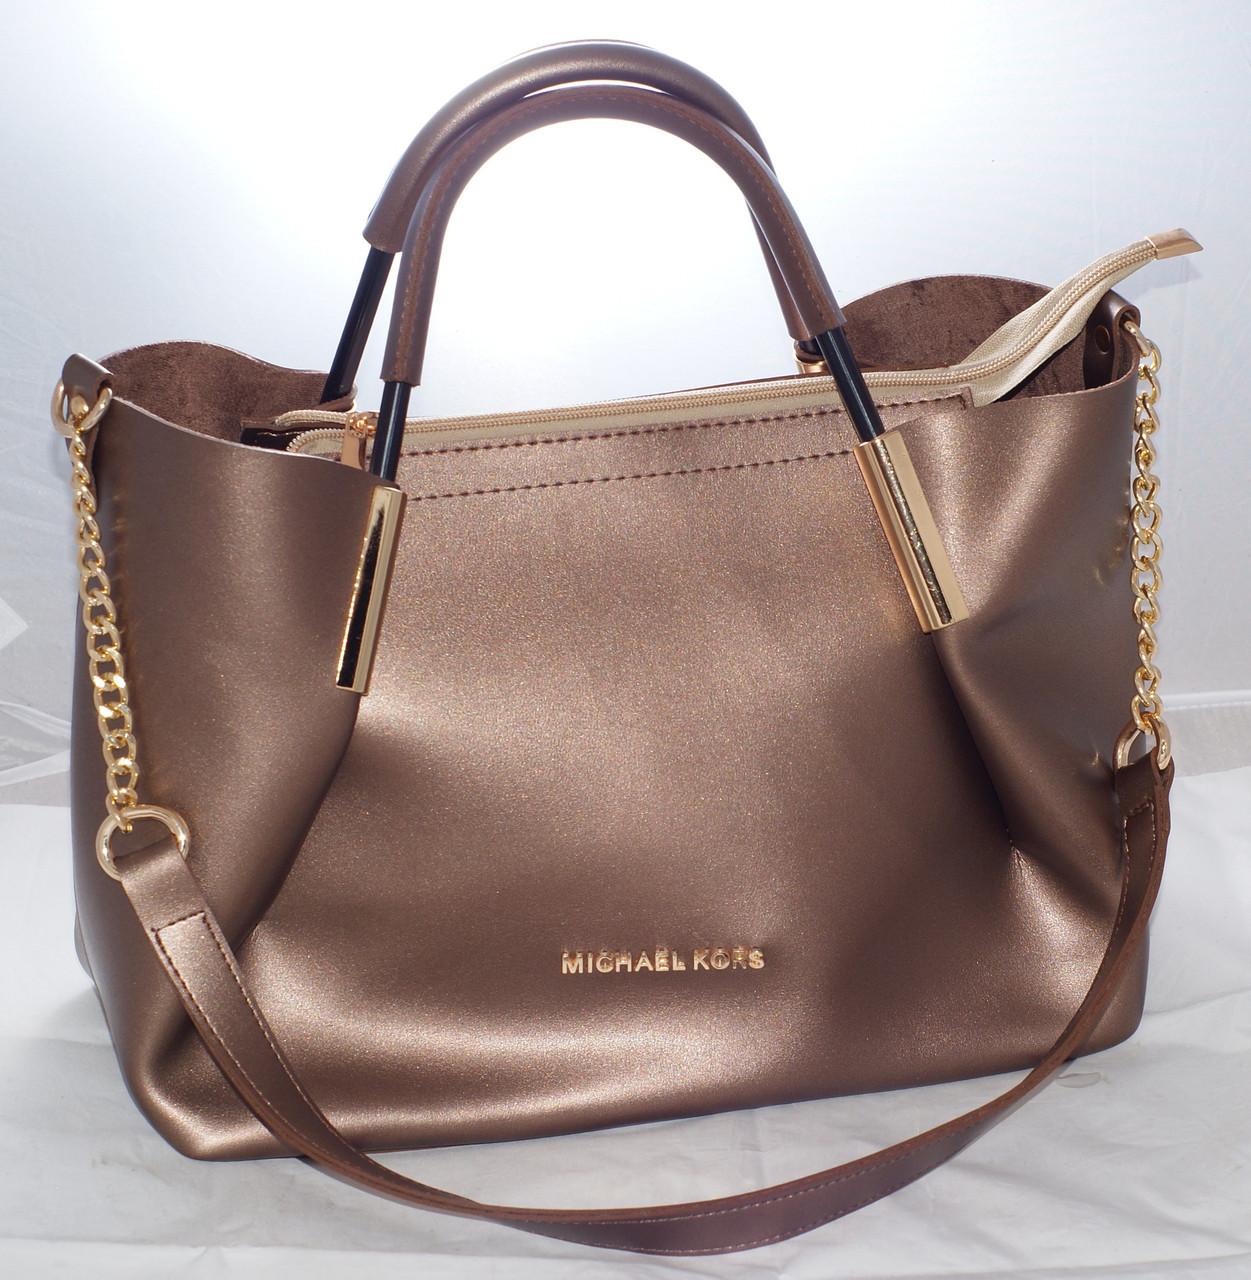 9ab2ff7732b7 Женская сумка Michael Kors (Майкл Корс) с отстёгивающейся косметичкой,  бронзовая